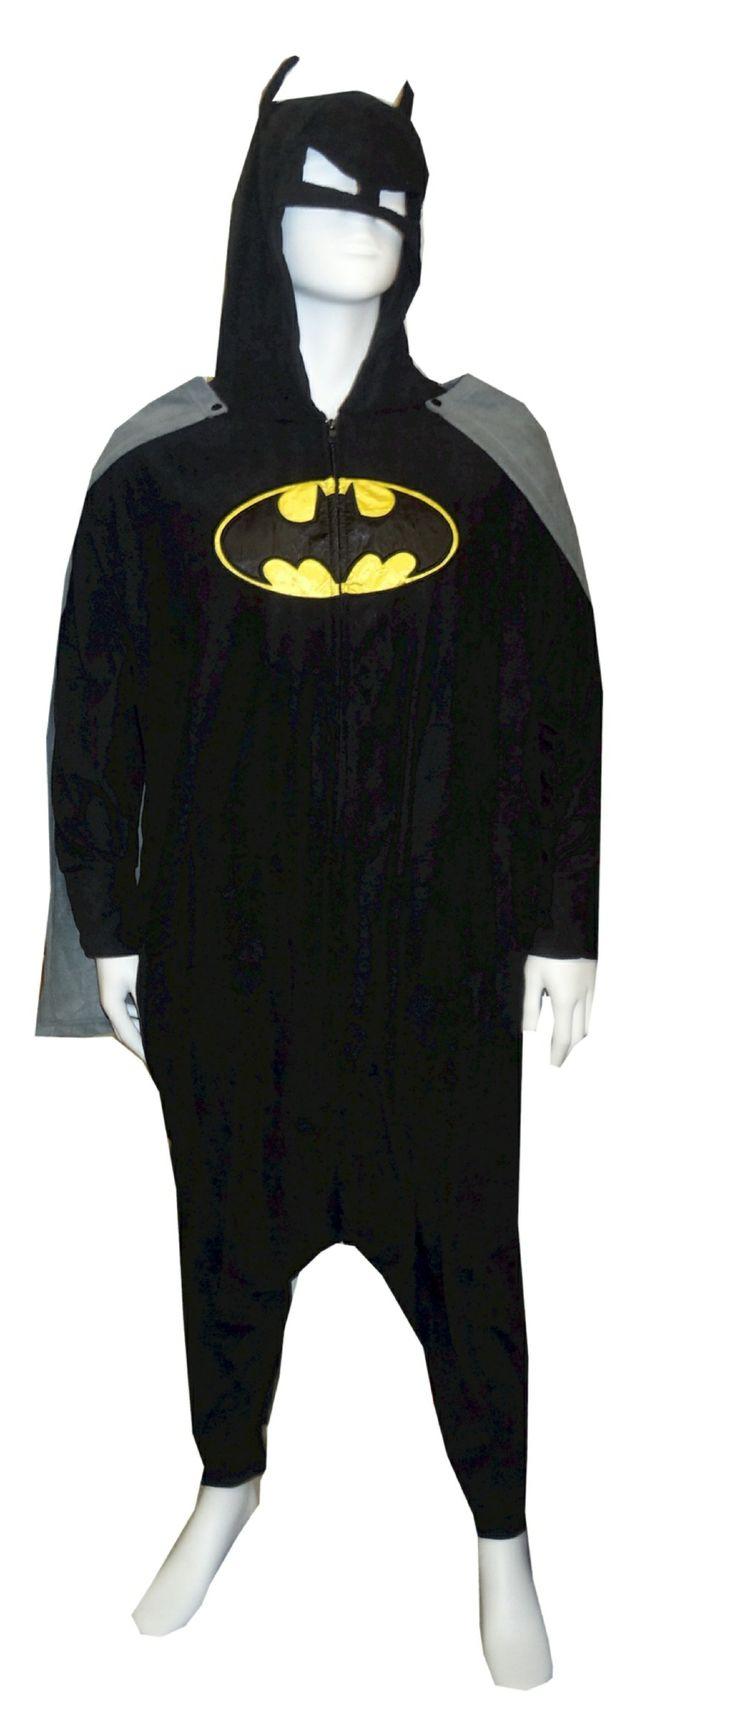 Batman Onesie | Superhero Onesies for Men | Robin Onesie for Adults